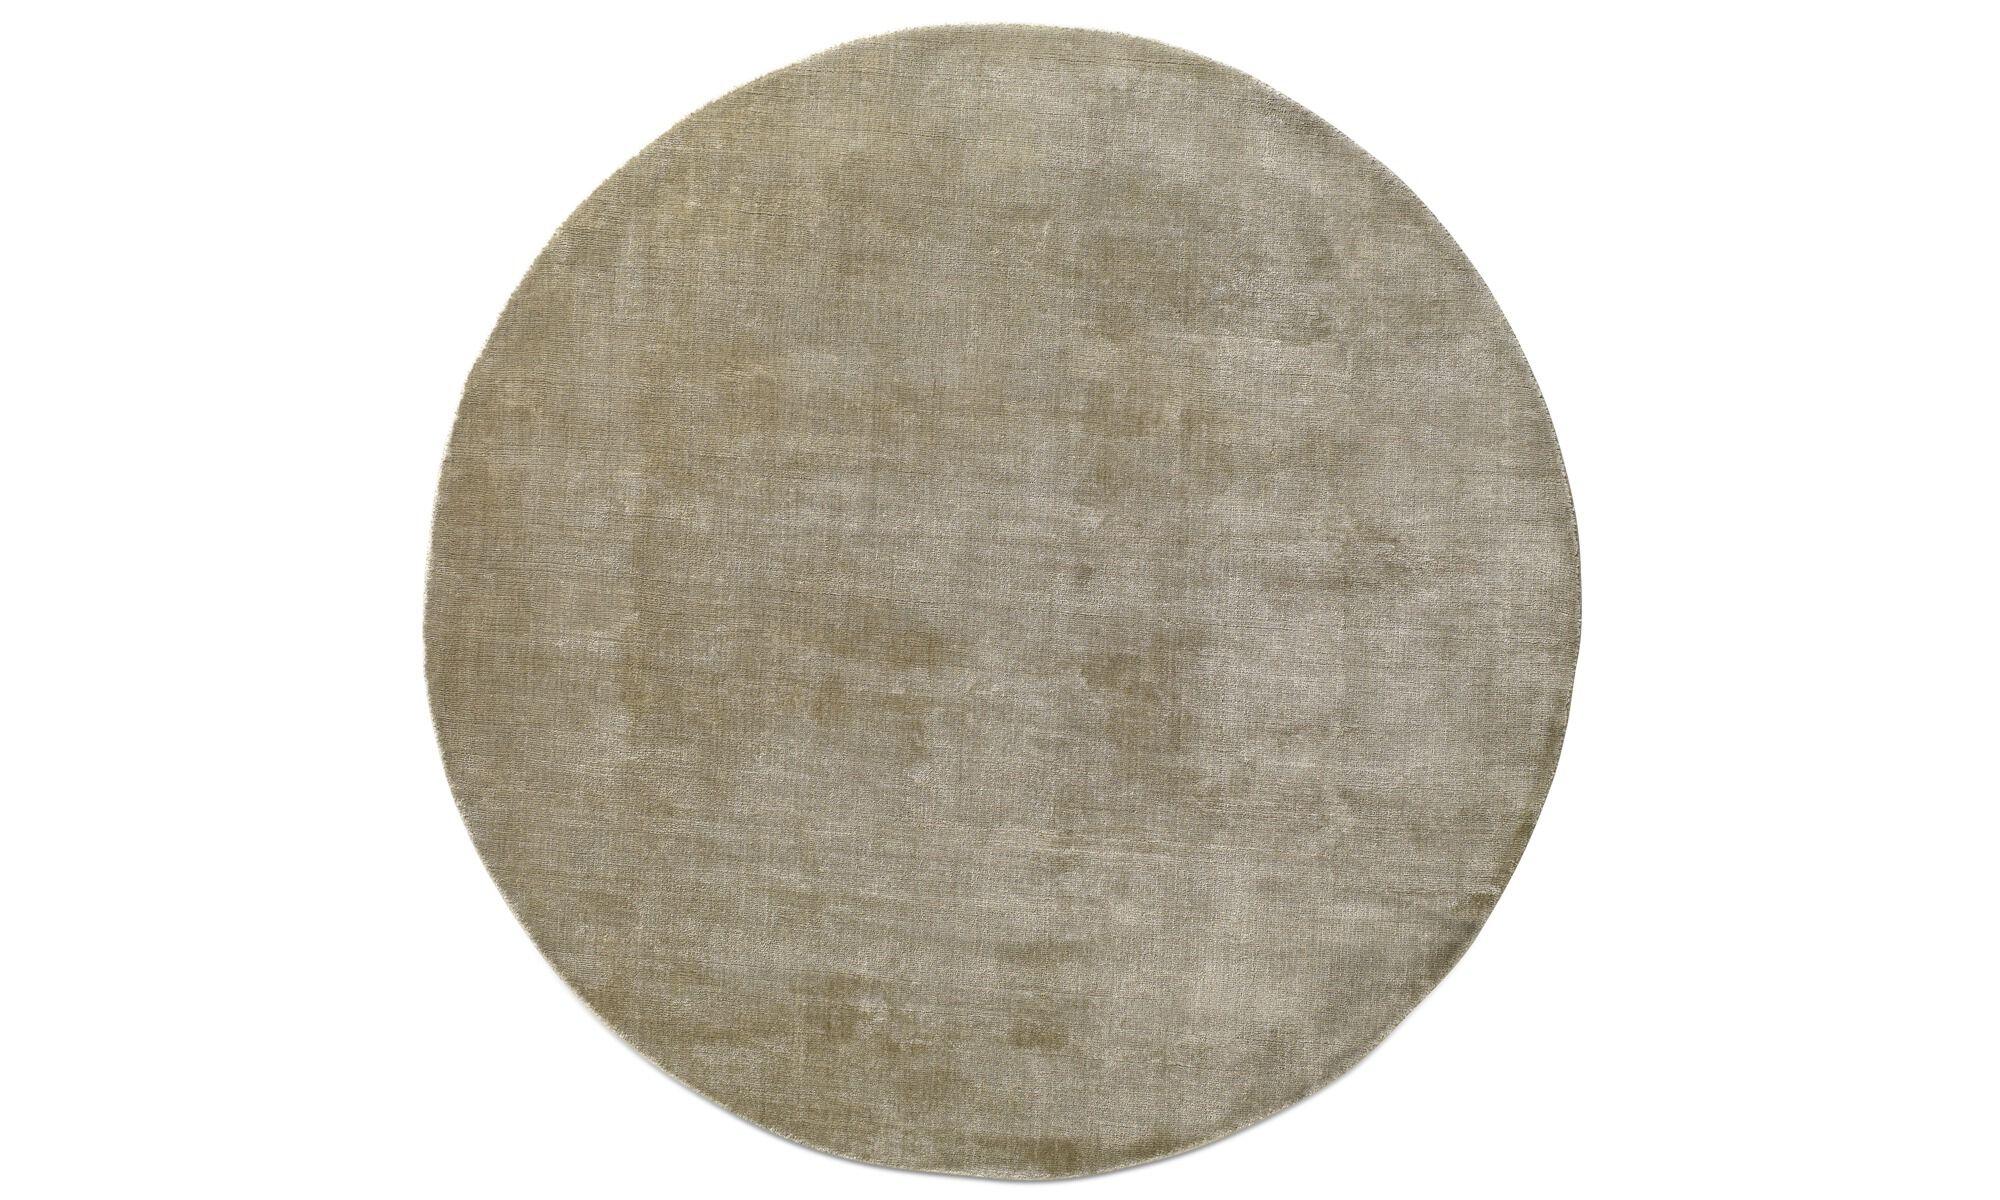 Runde Teppiche   Meinus Teppich   Rund   Grau   Stoff